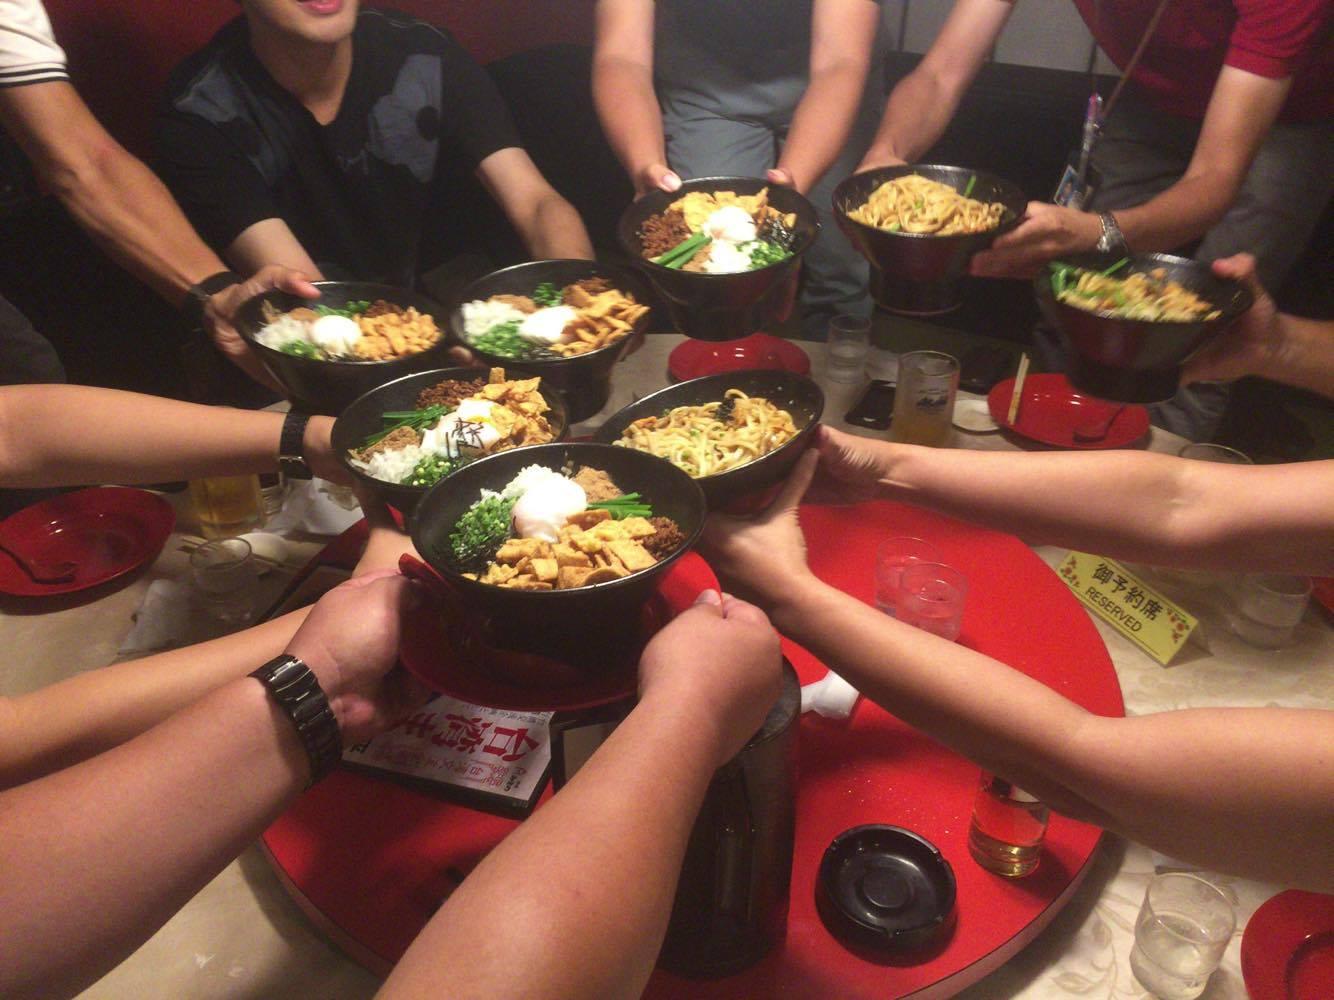 【いちき】「みその」の新メニュー「台湾まぜそば」が美味すぎると市民の中で話題!!!【串木野市】